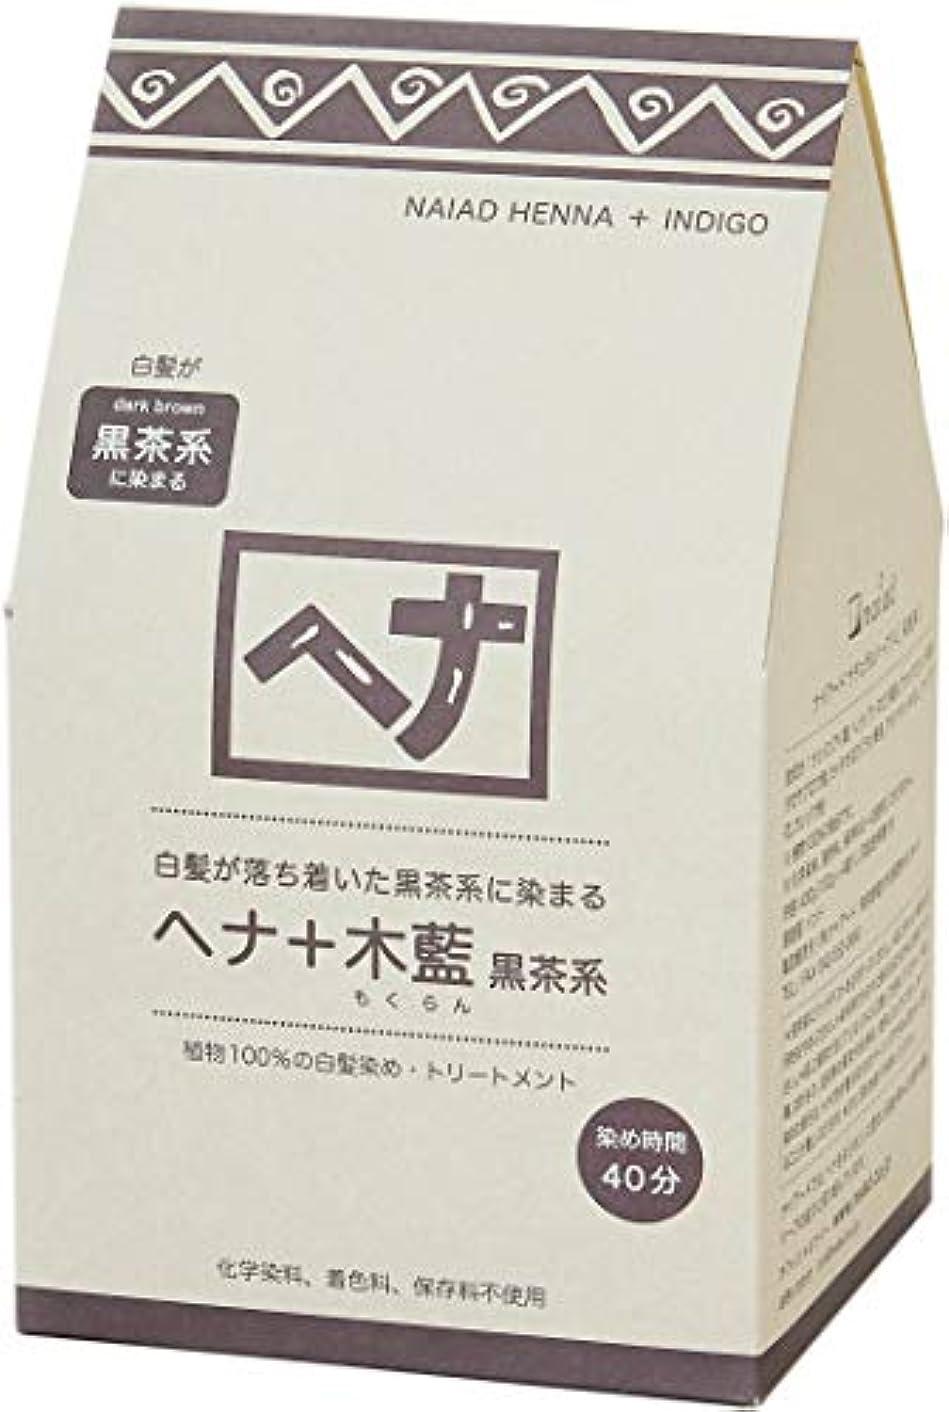 法律住人多様性Naiad(ナイアード) ヘナ+木藍 黒茶系 400g